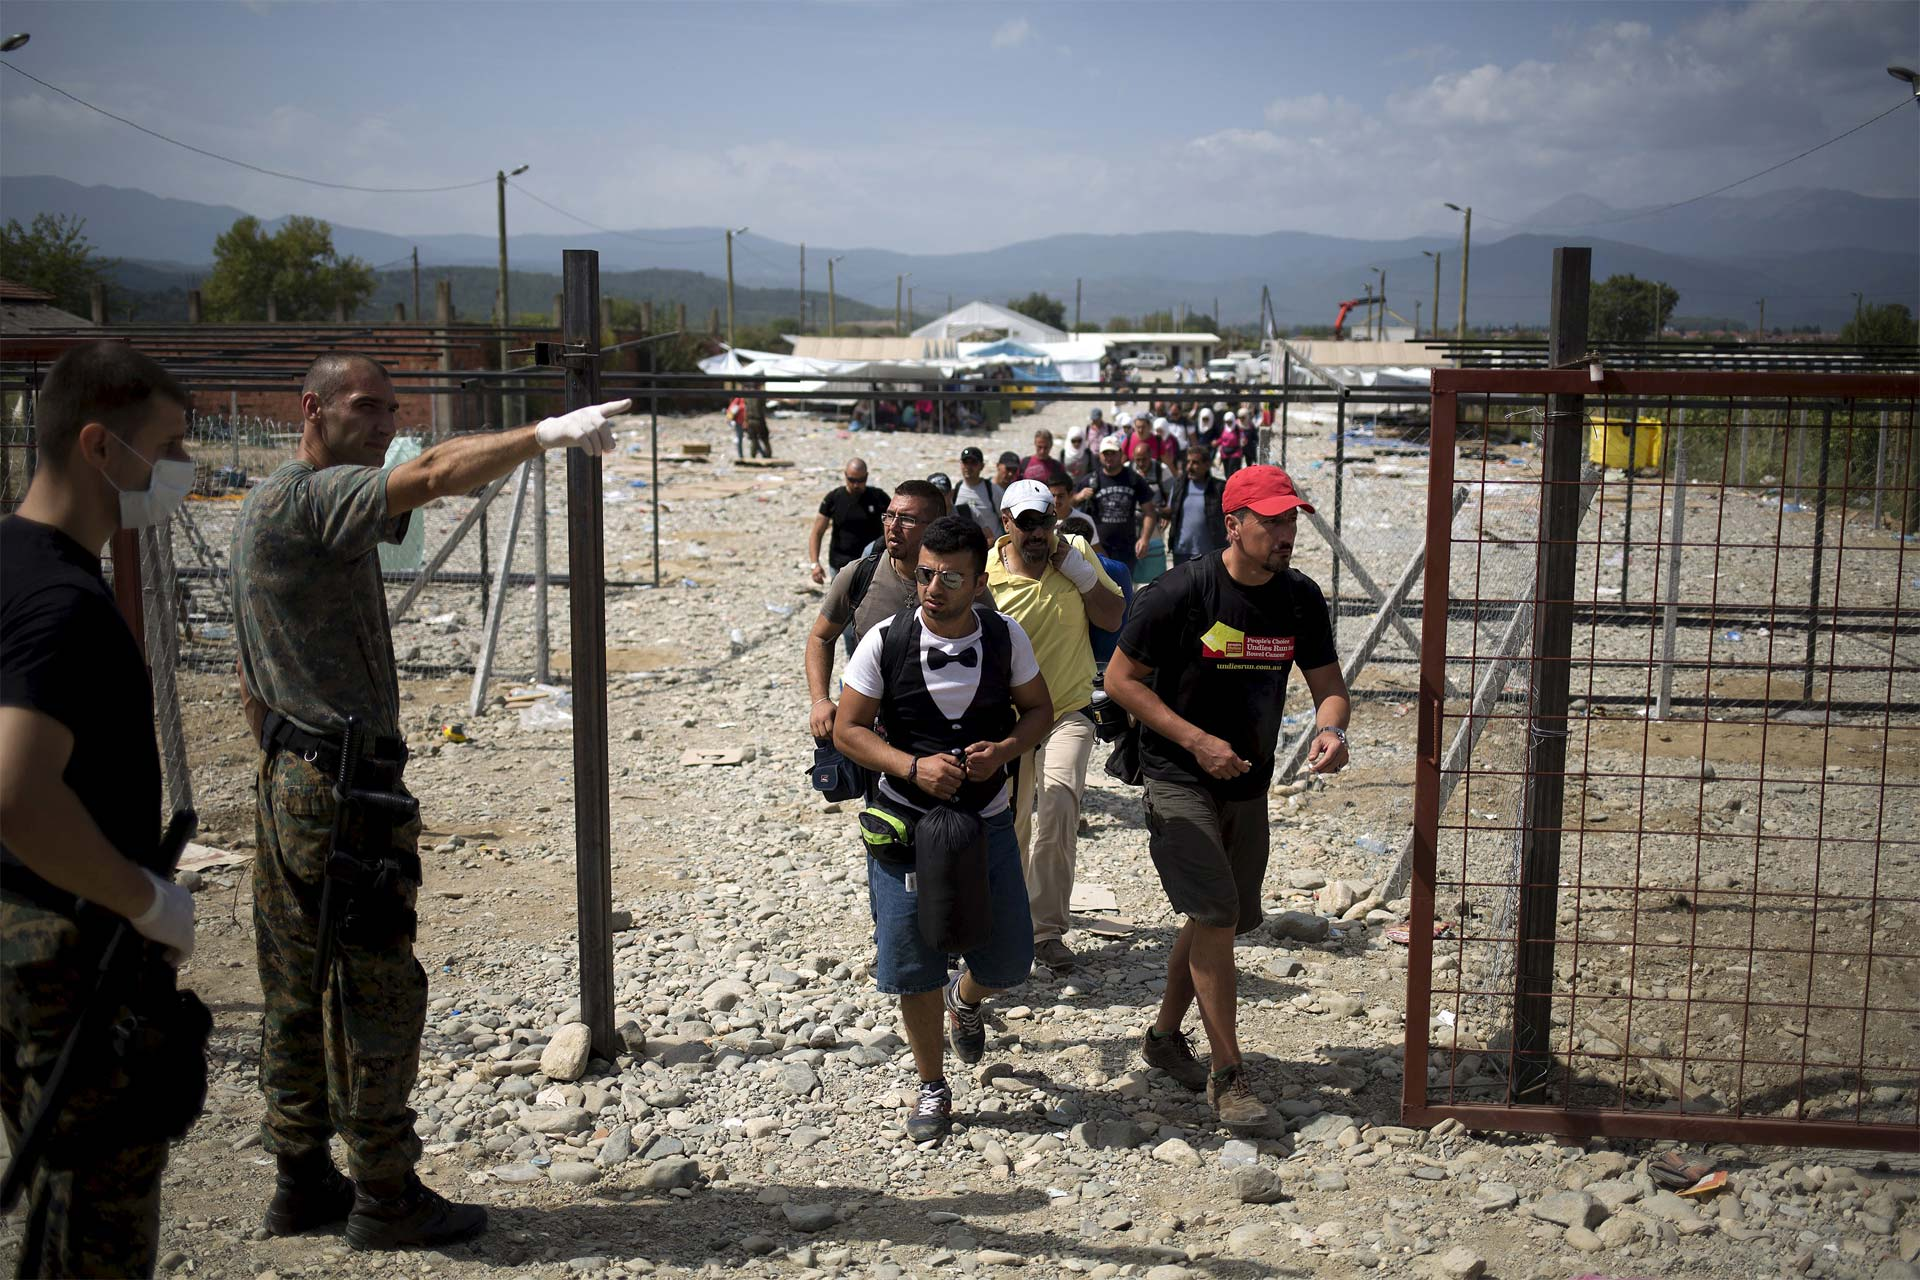 Alemania sigue siendo el país más receptivo. Hungría construyó un nuevo campamento. Francia y Chile mostraron disposición de acoger personas. En Grecia hubo conflictos